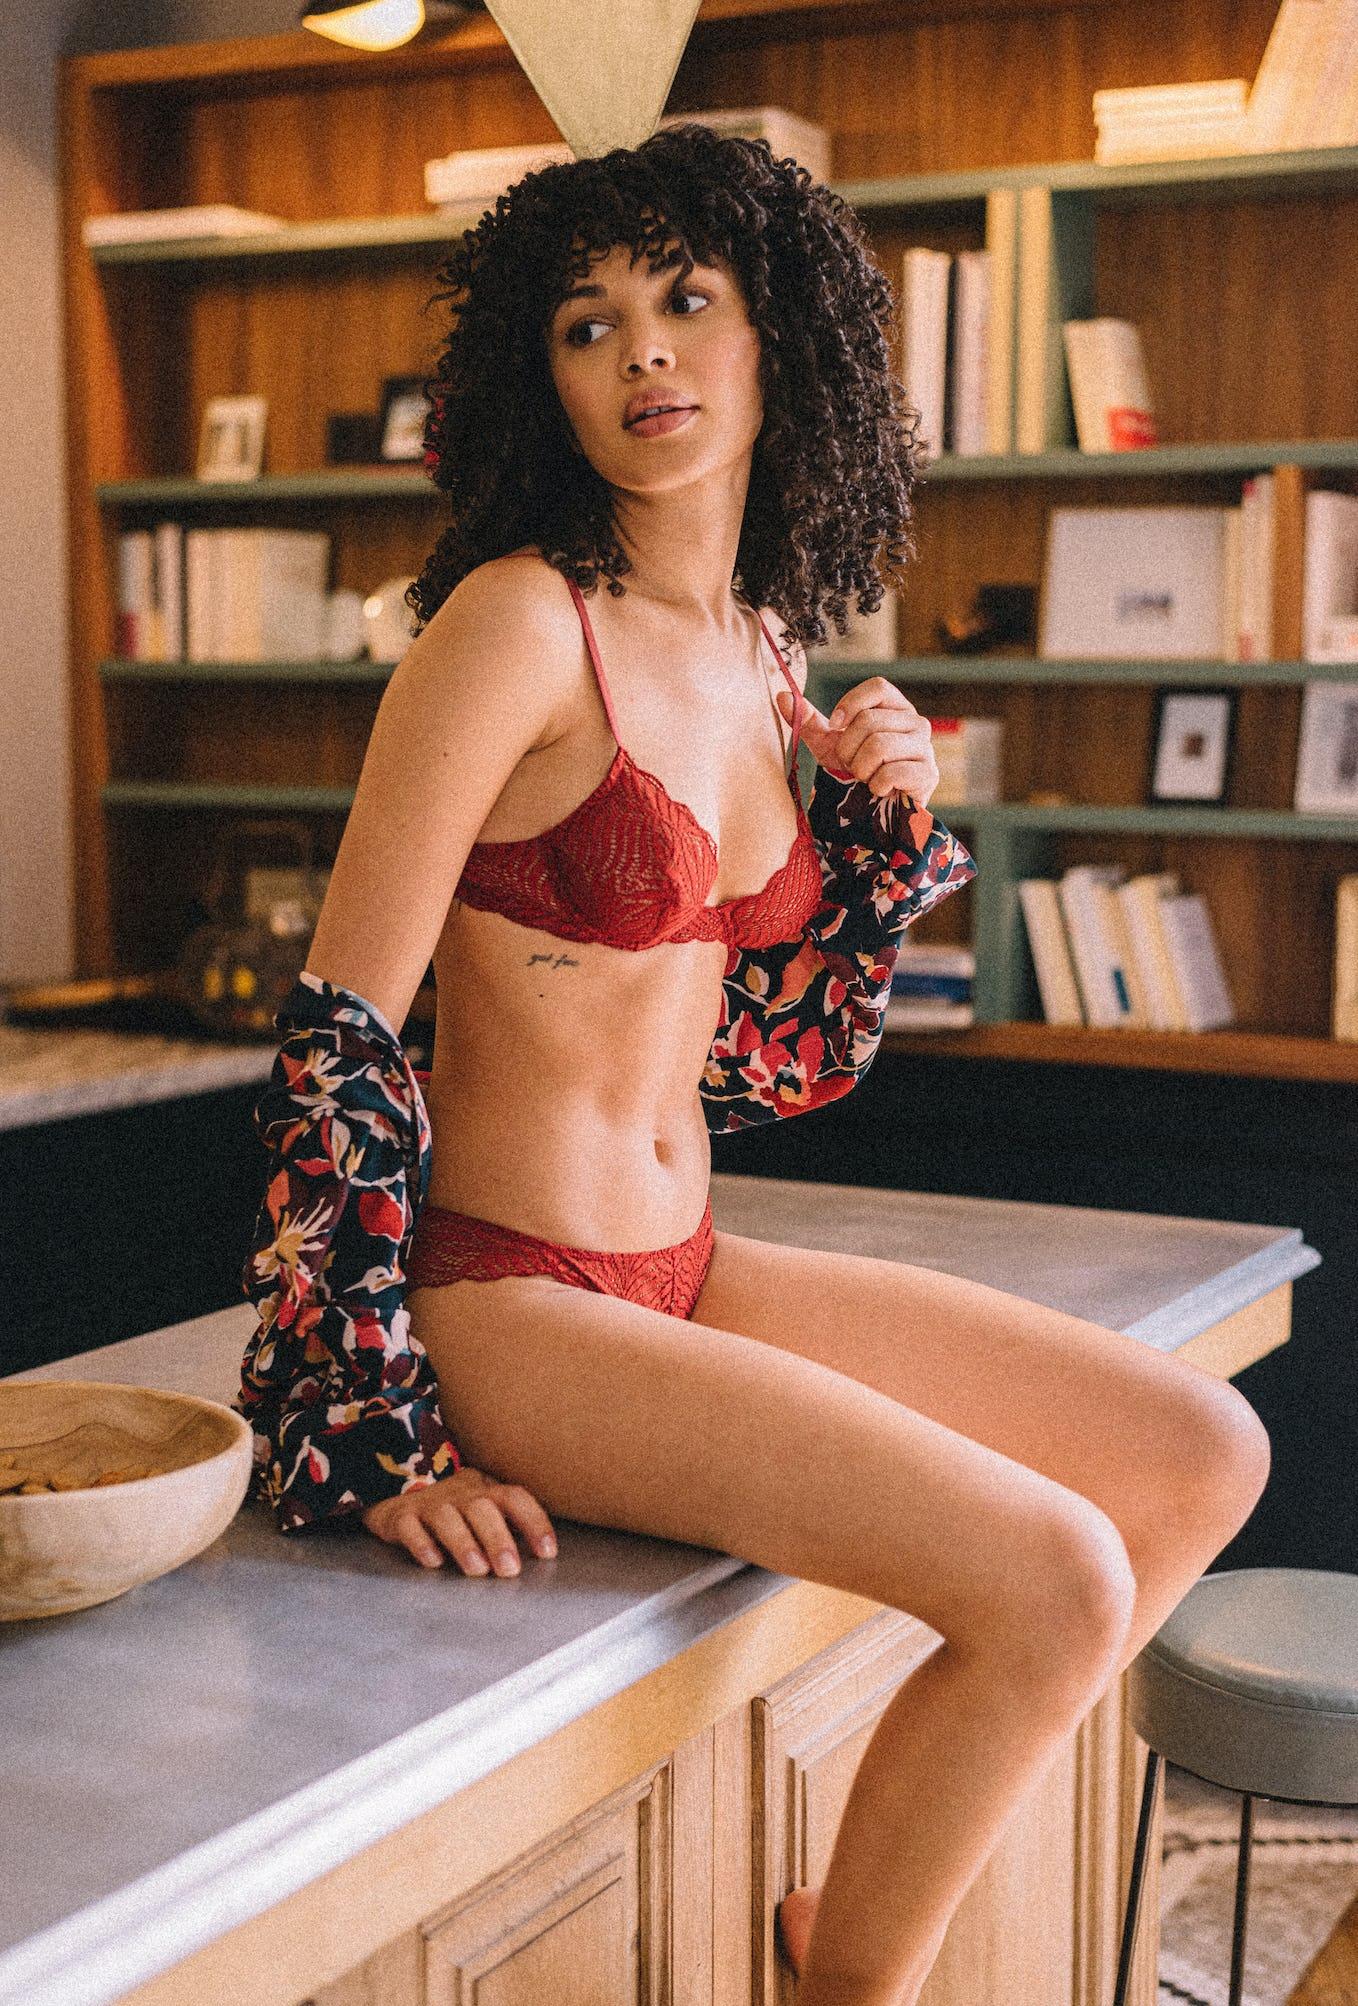 L'air du temps piment lingerie set worn with shirt Le chant des oiseaux